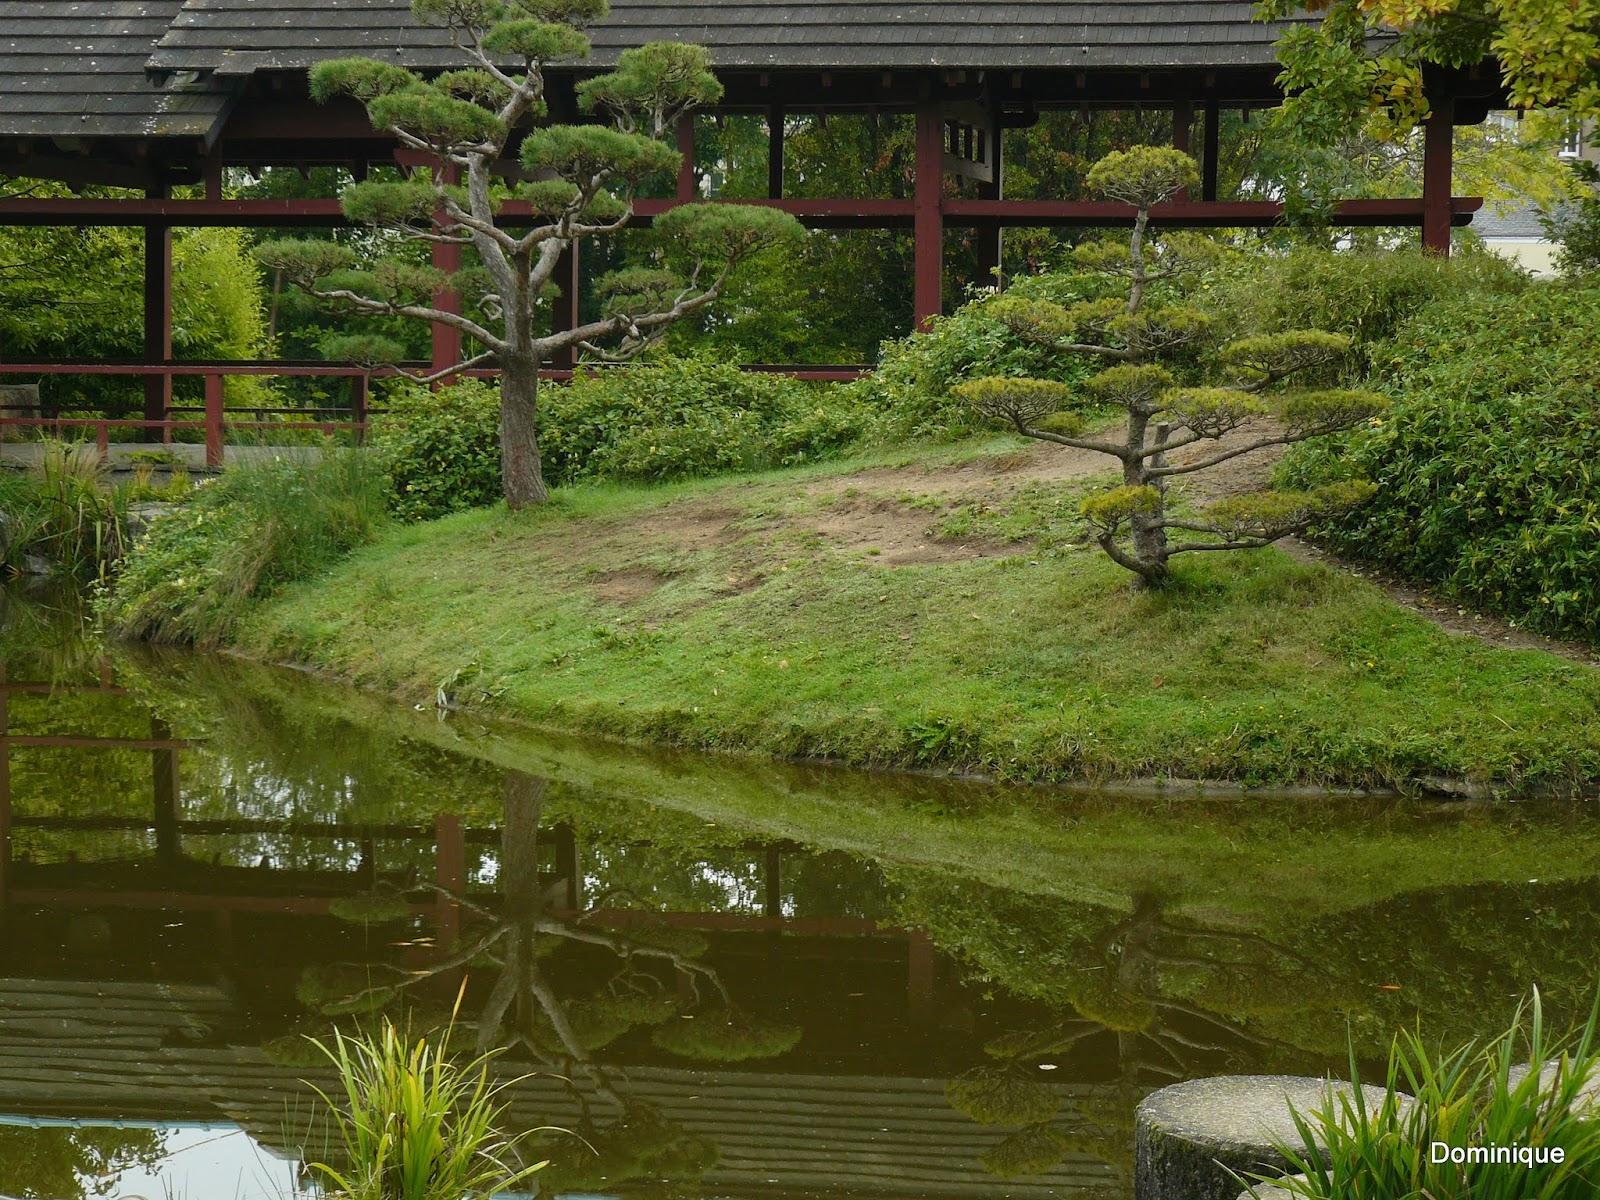 Le quai de versailles nantes jardin japonais d tours de for Jardin japonais nantes